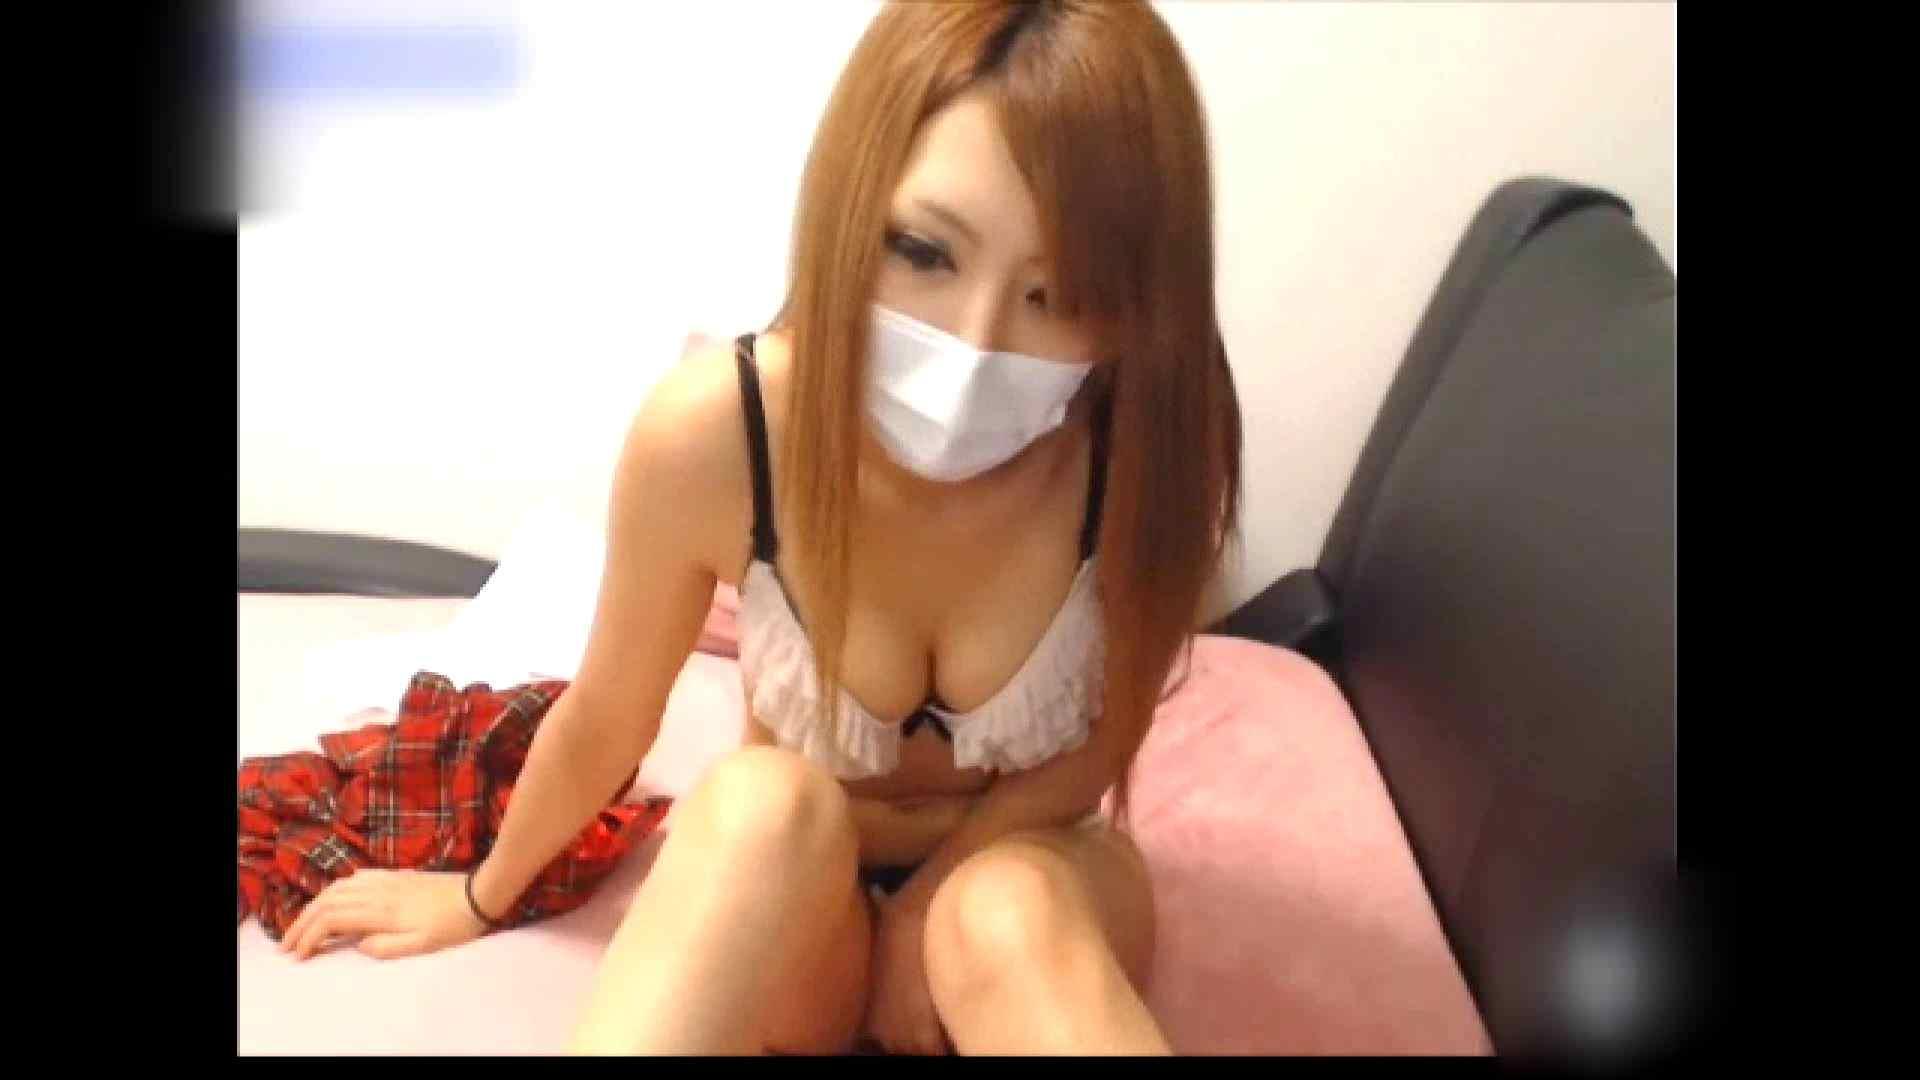 アッと驚くハメ五郎 Vol.05 美女すけべ画像 性交動画流出 27連発 8